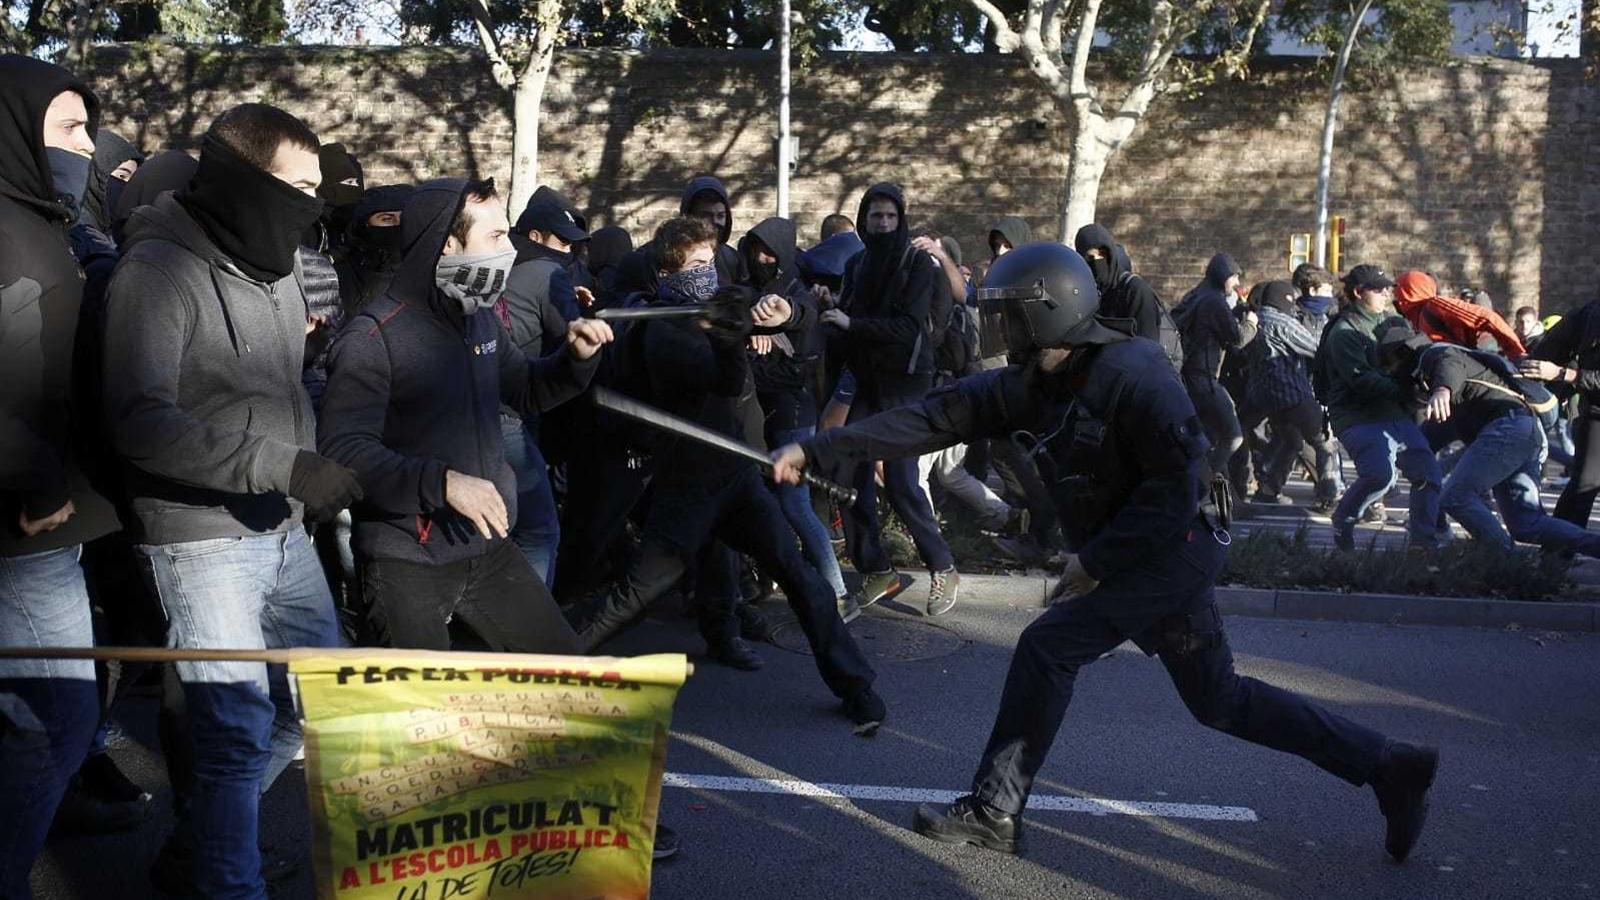 Tretze detinguts pels enfrontaments entre manifestants i mossos d'esquadra